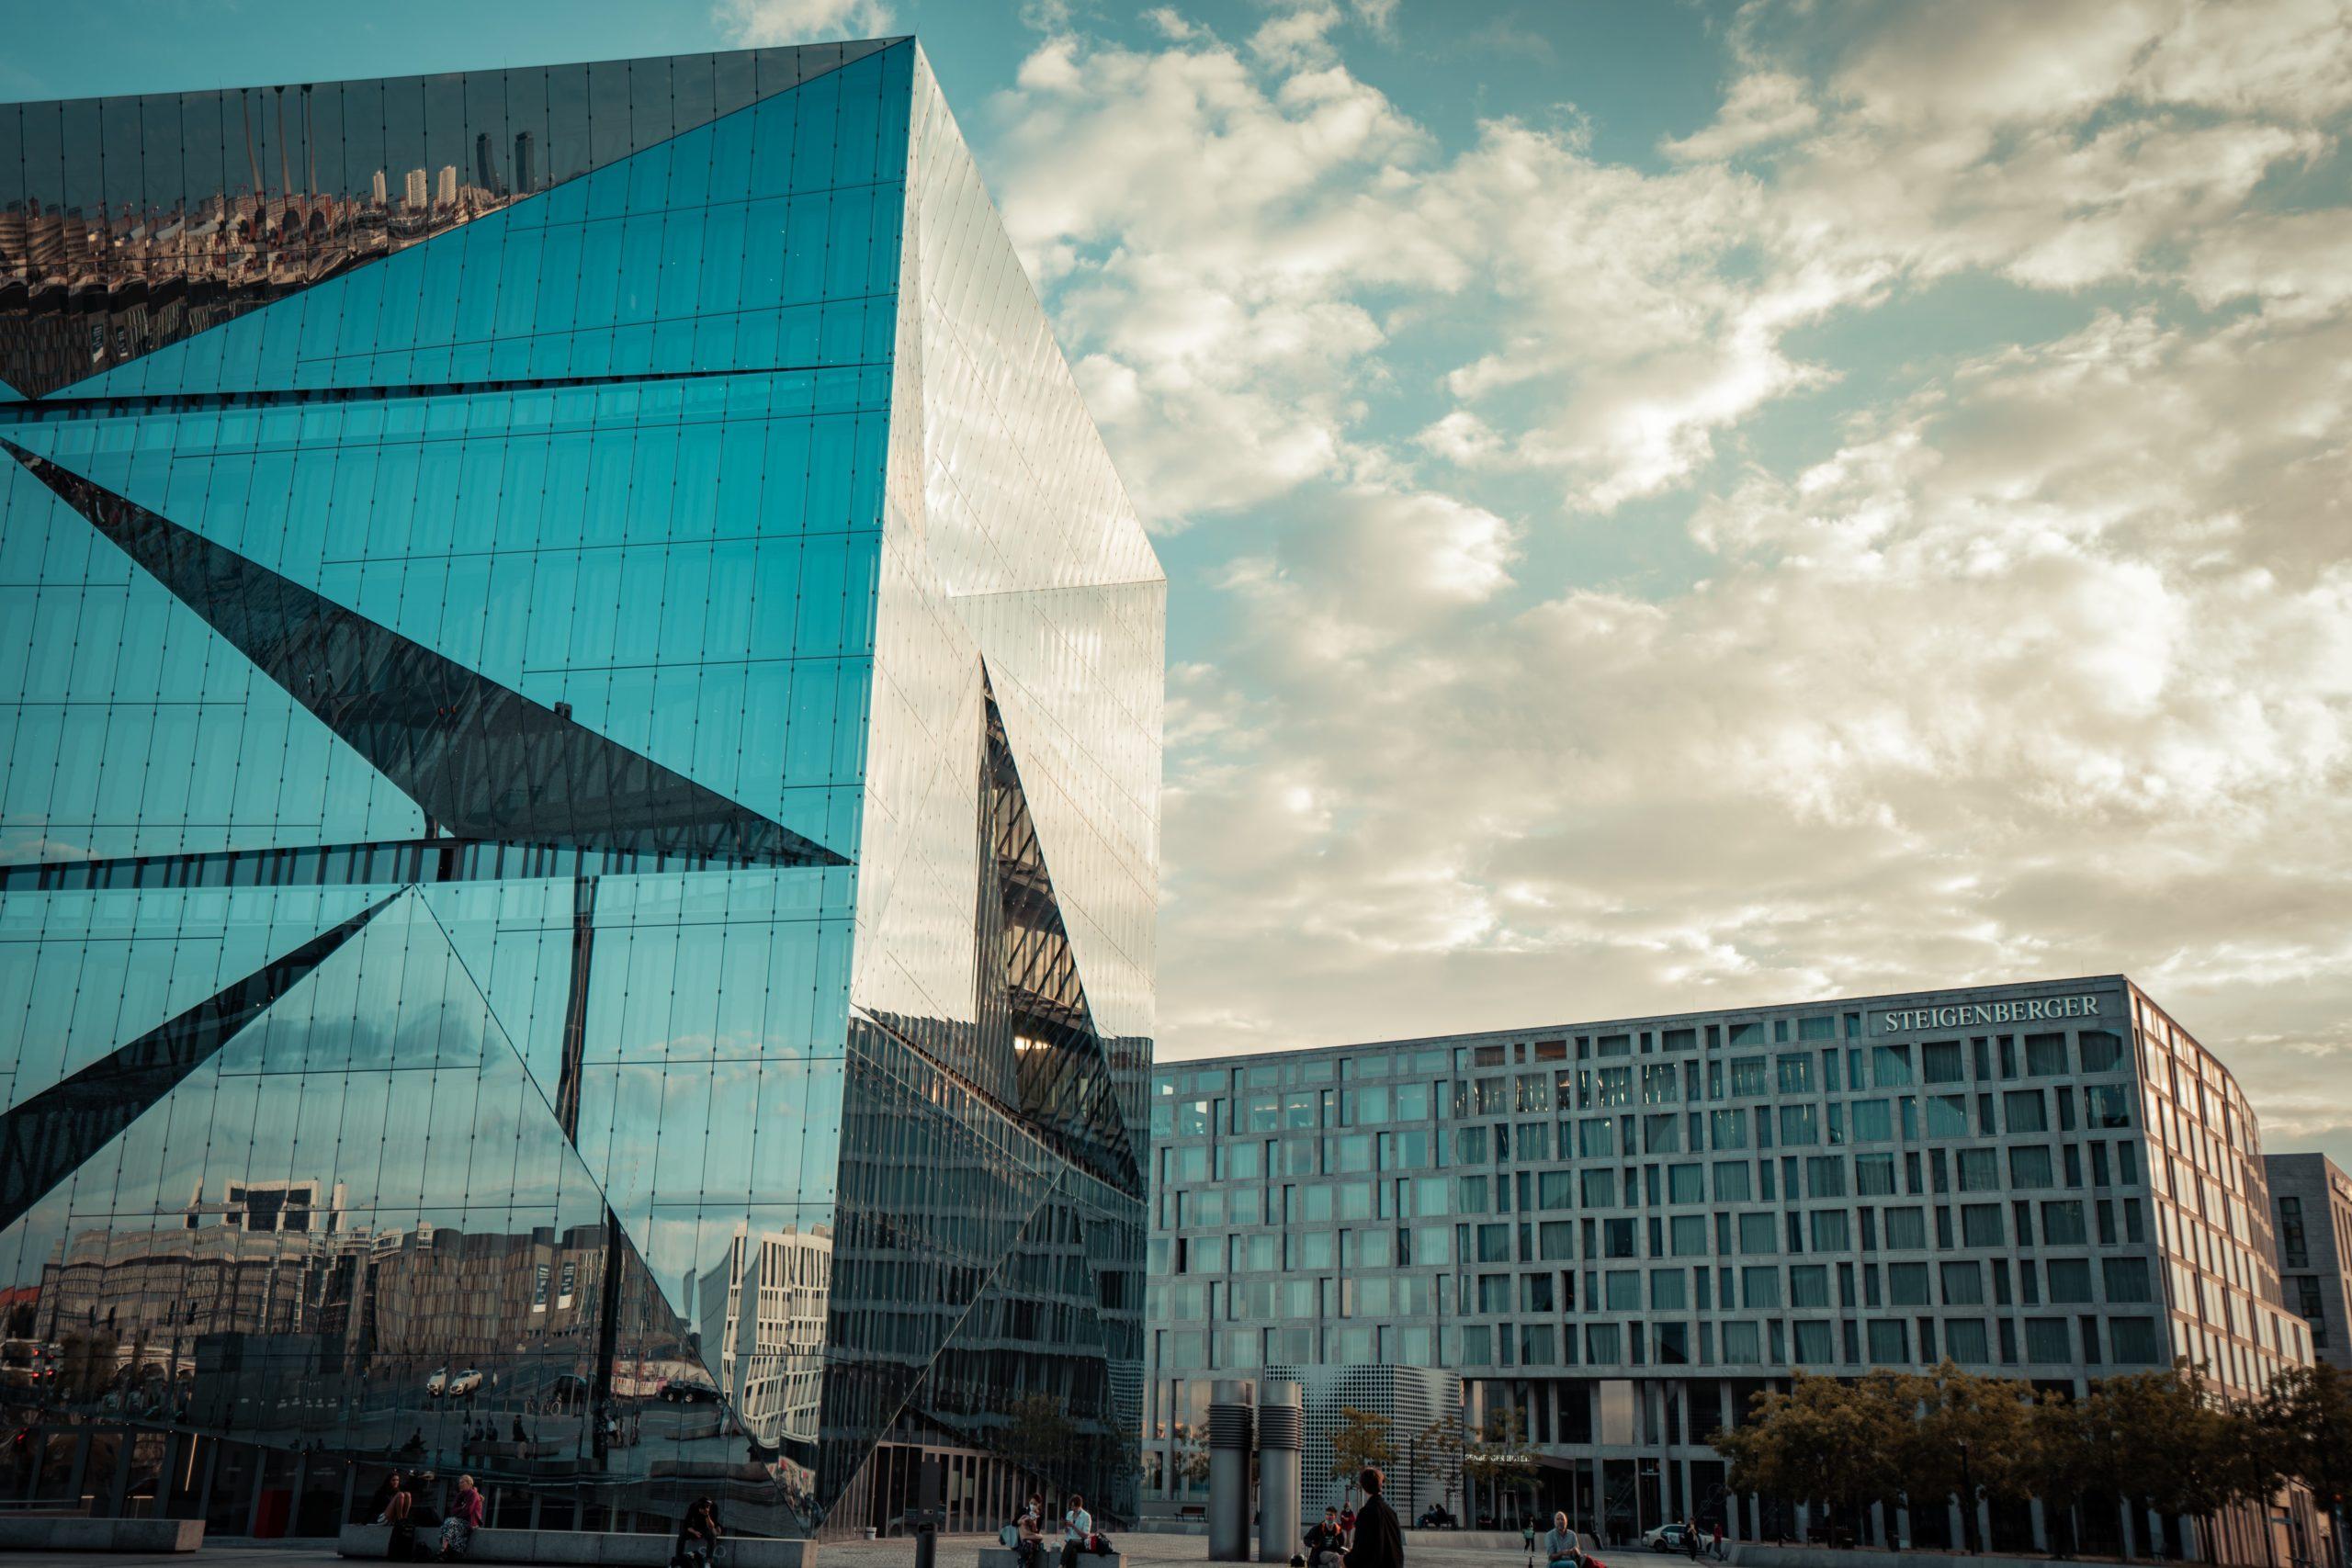 Cube Berlin - Foto von Leon Seibert auf Unsplash